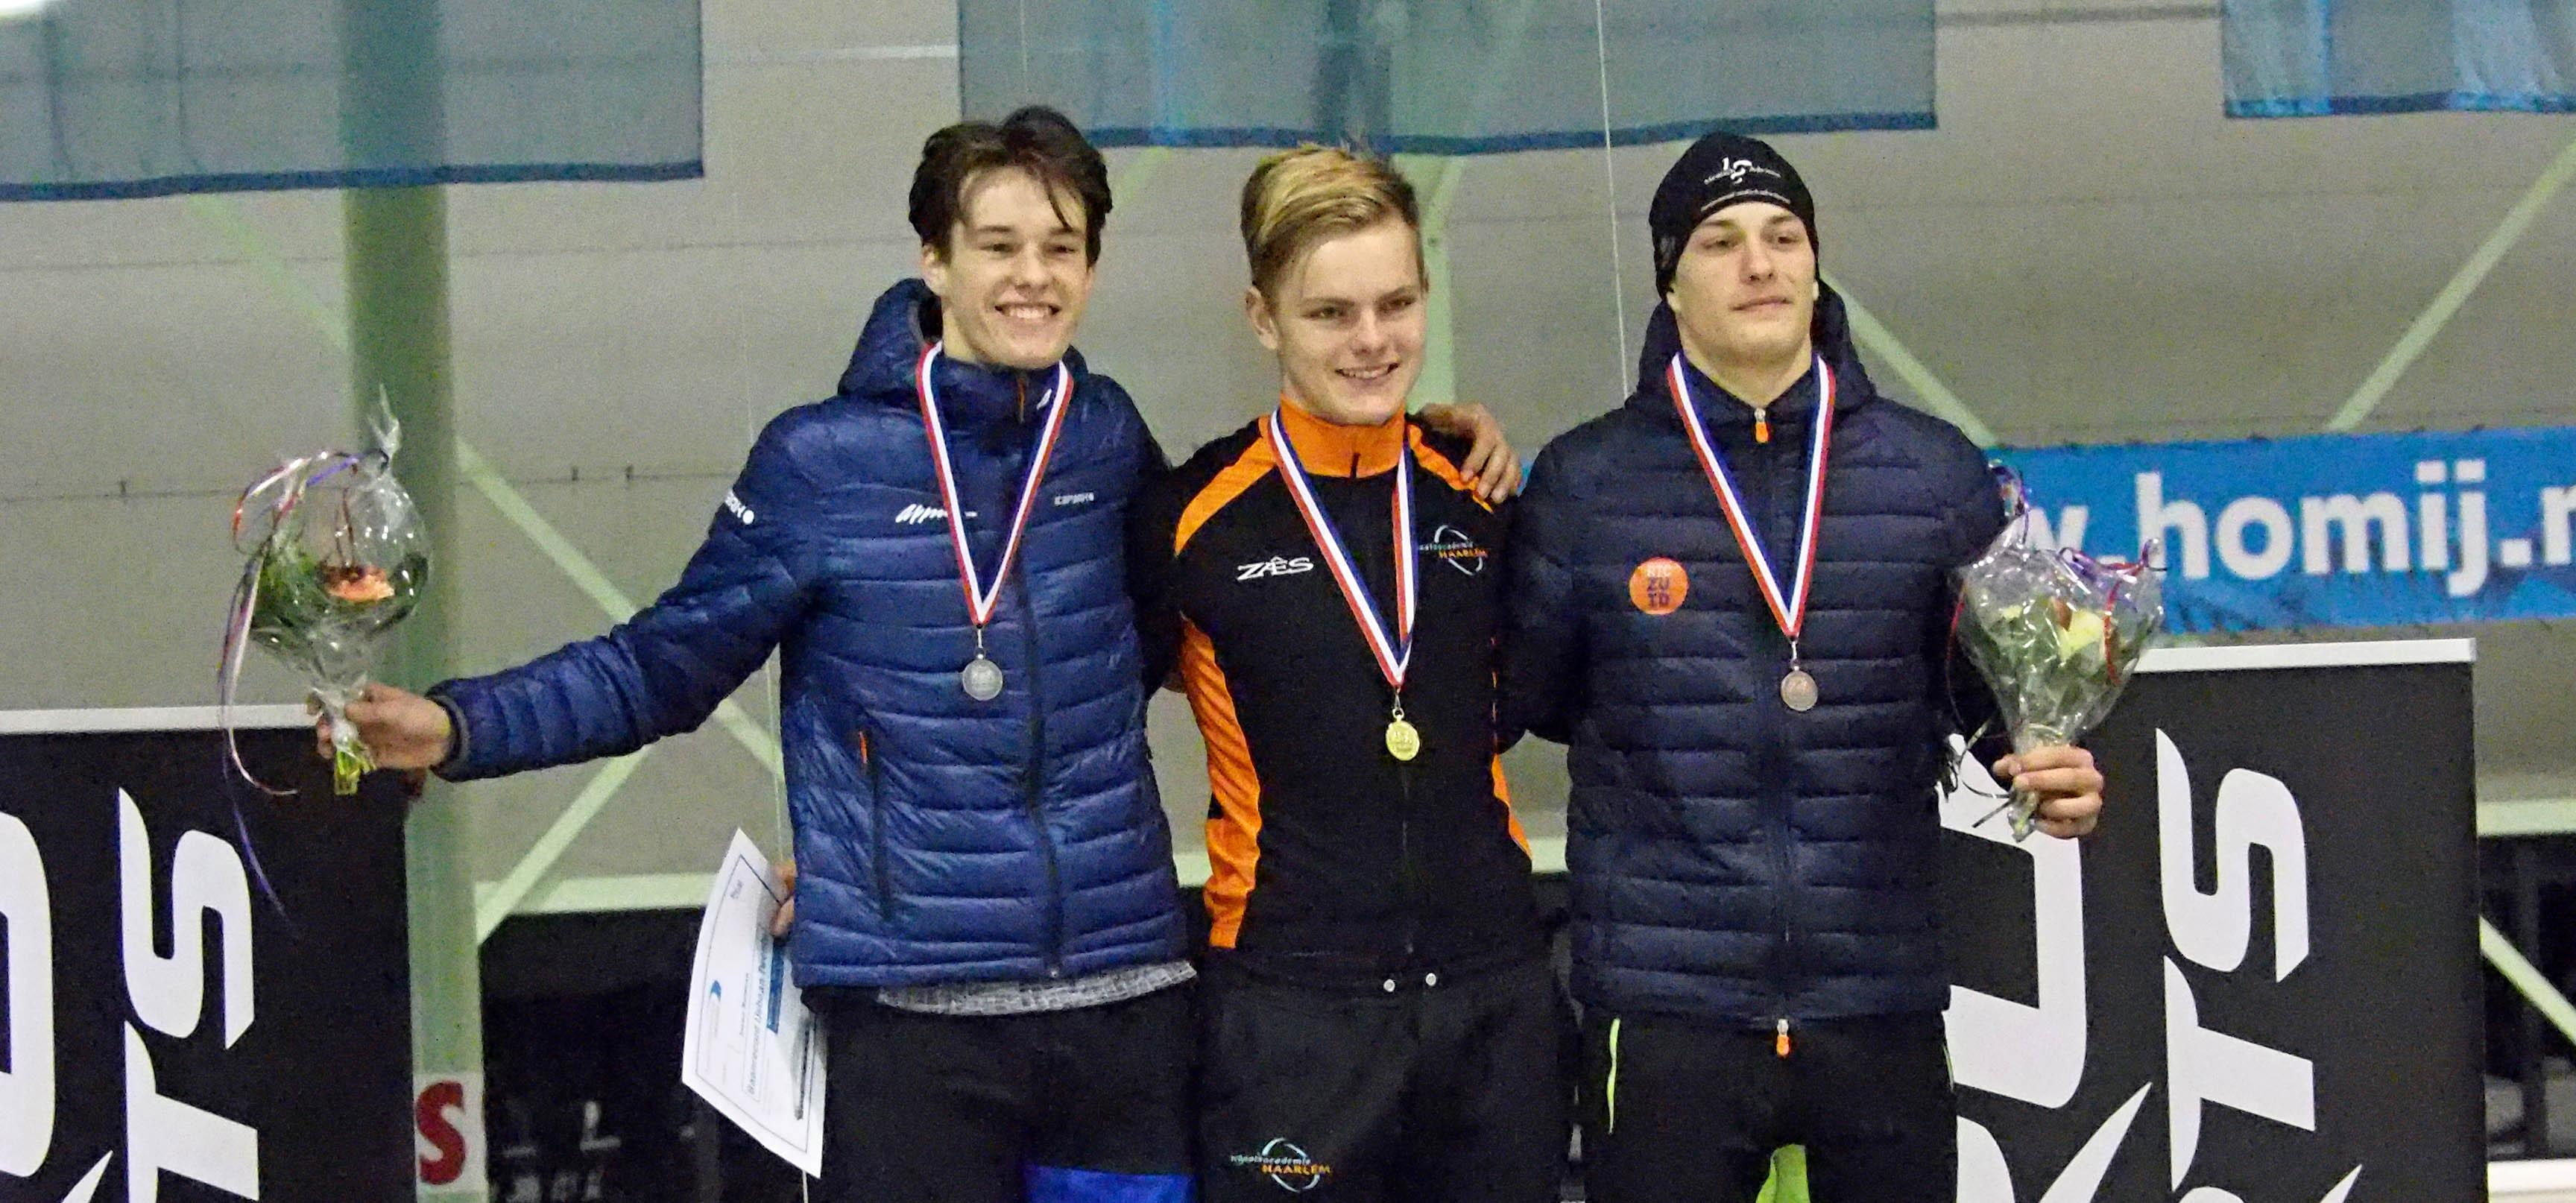 Eerste RTC-Zuid medaille op NK door Jeremy Overheul